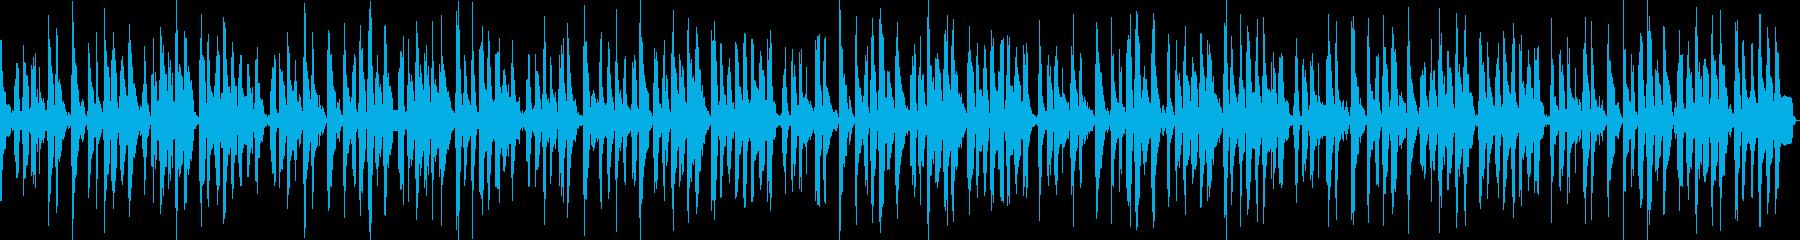 クールなCM ベースとクラップの再生済みの波形